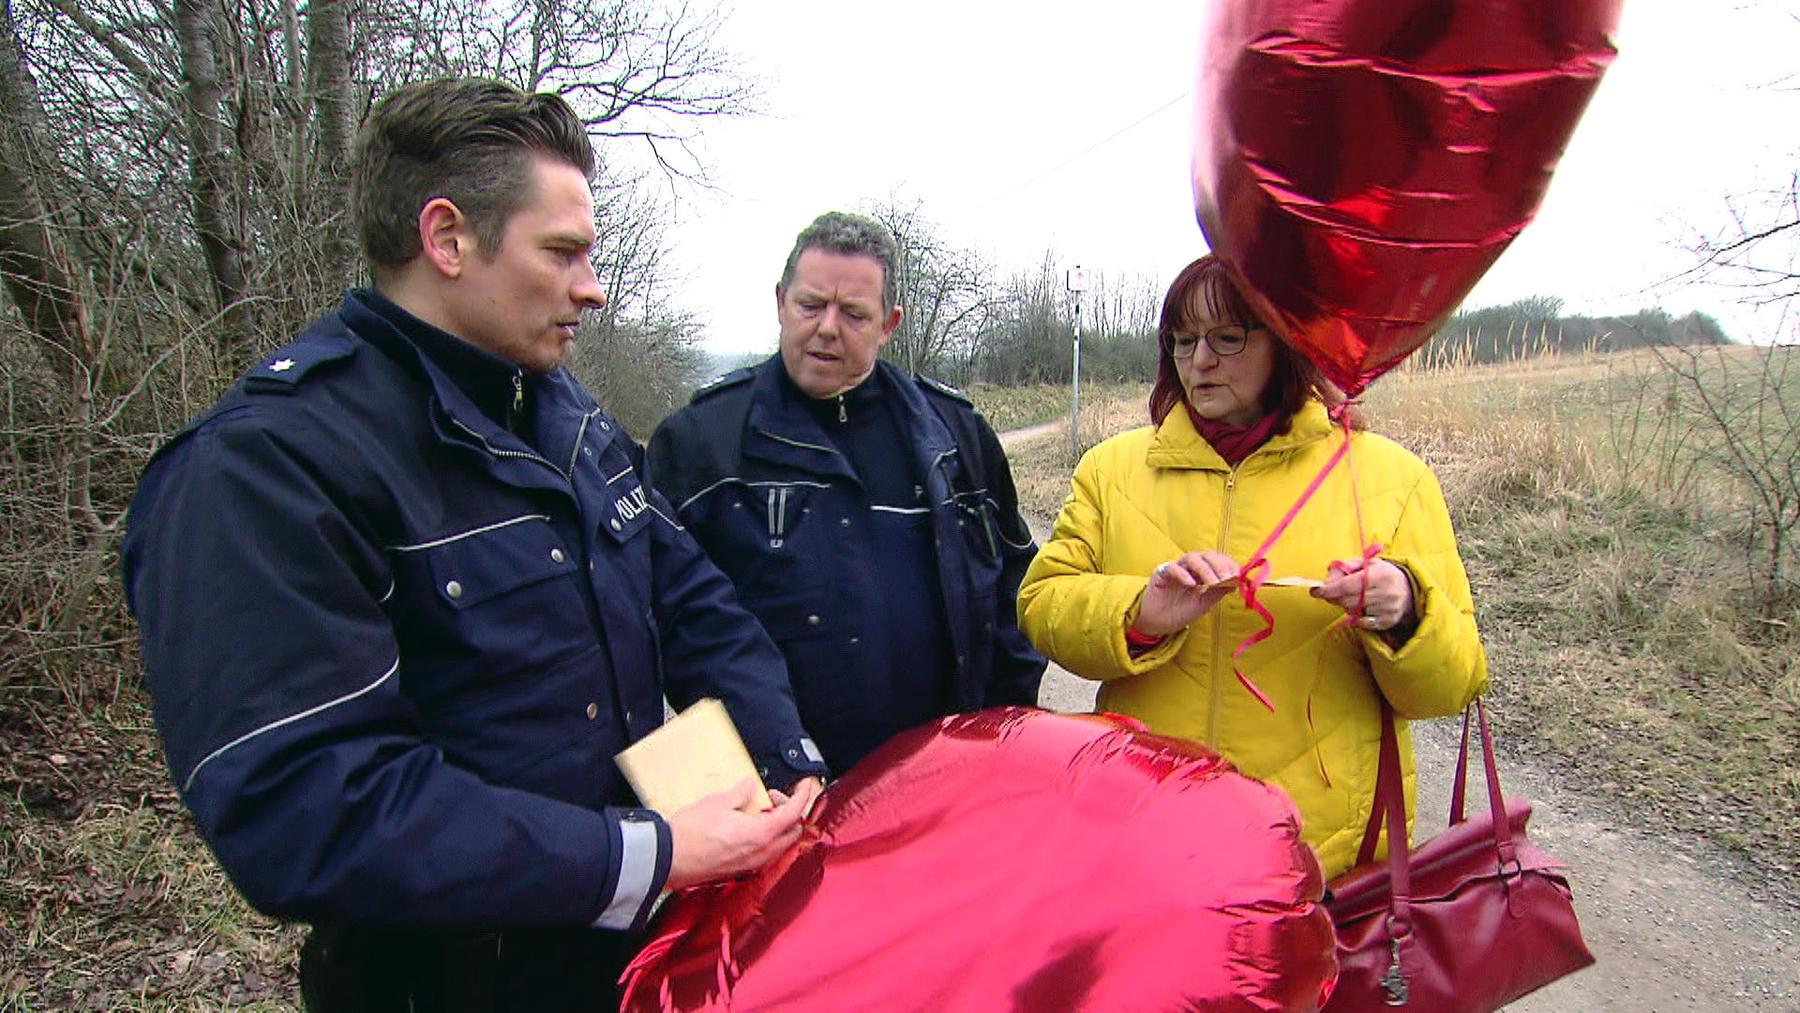 Luftballon mit Morddrohung / Falsche Bestatter überfallen Rentnerin